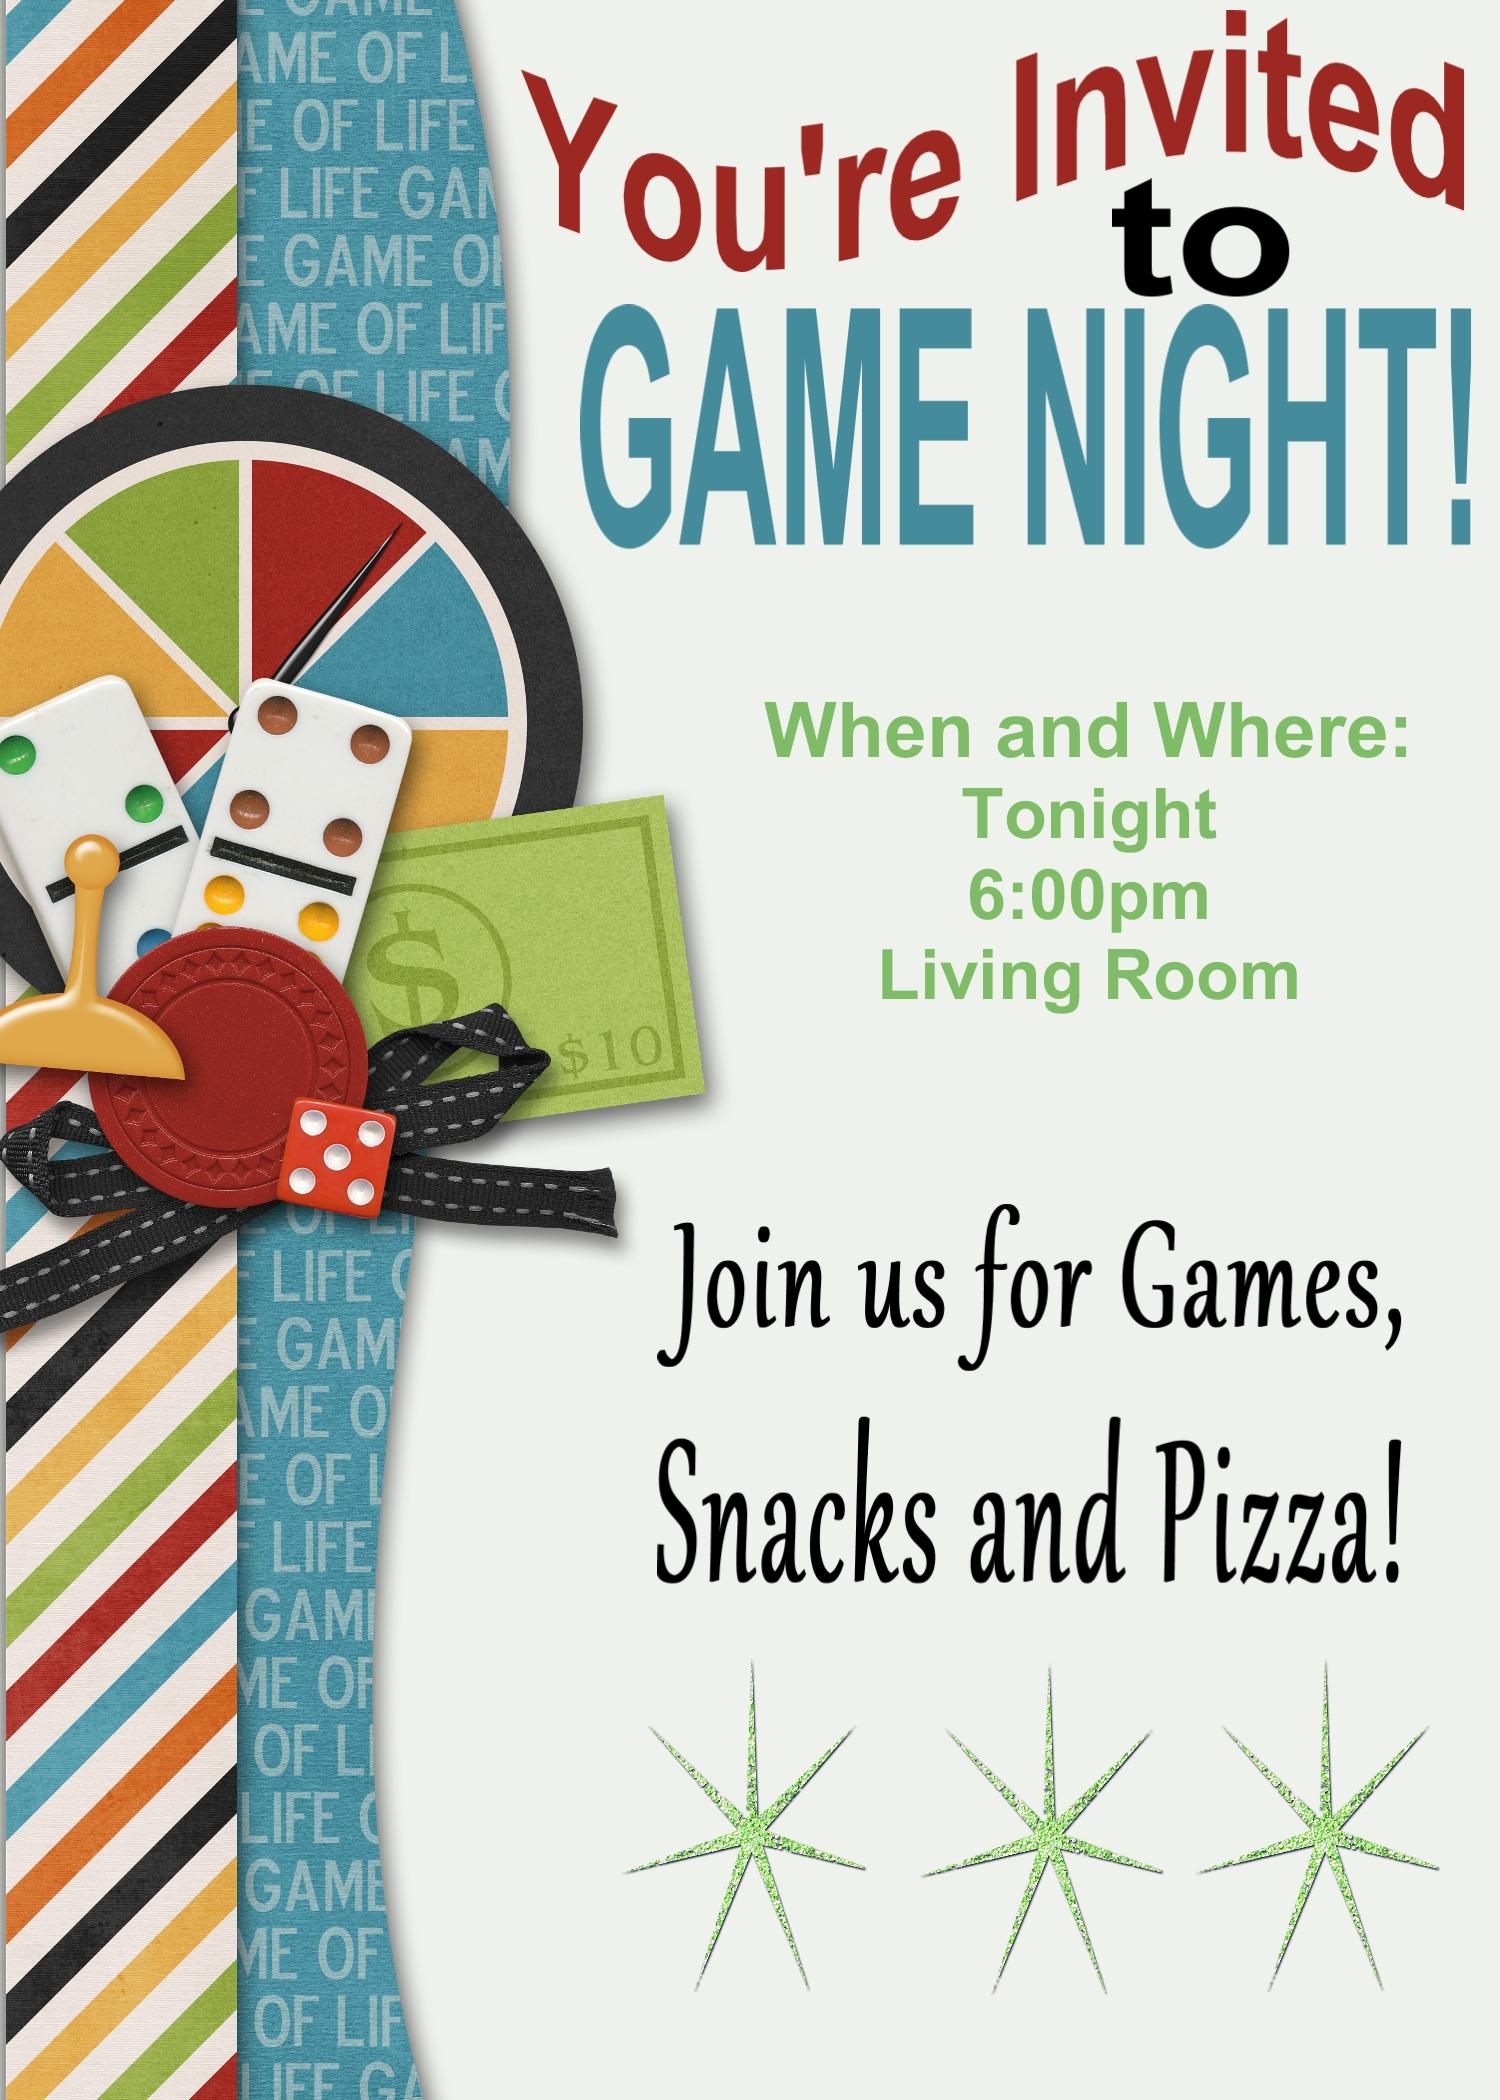 Perfect Game Night Invitation E Card Design With Yellow Border.